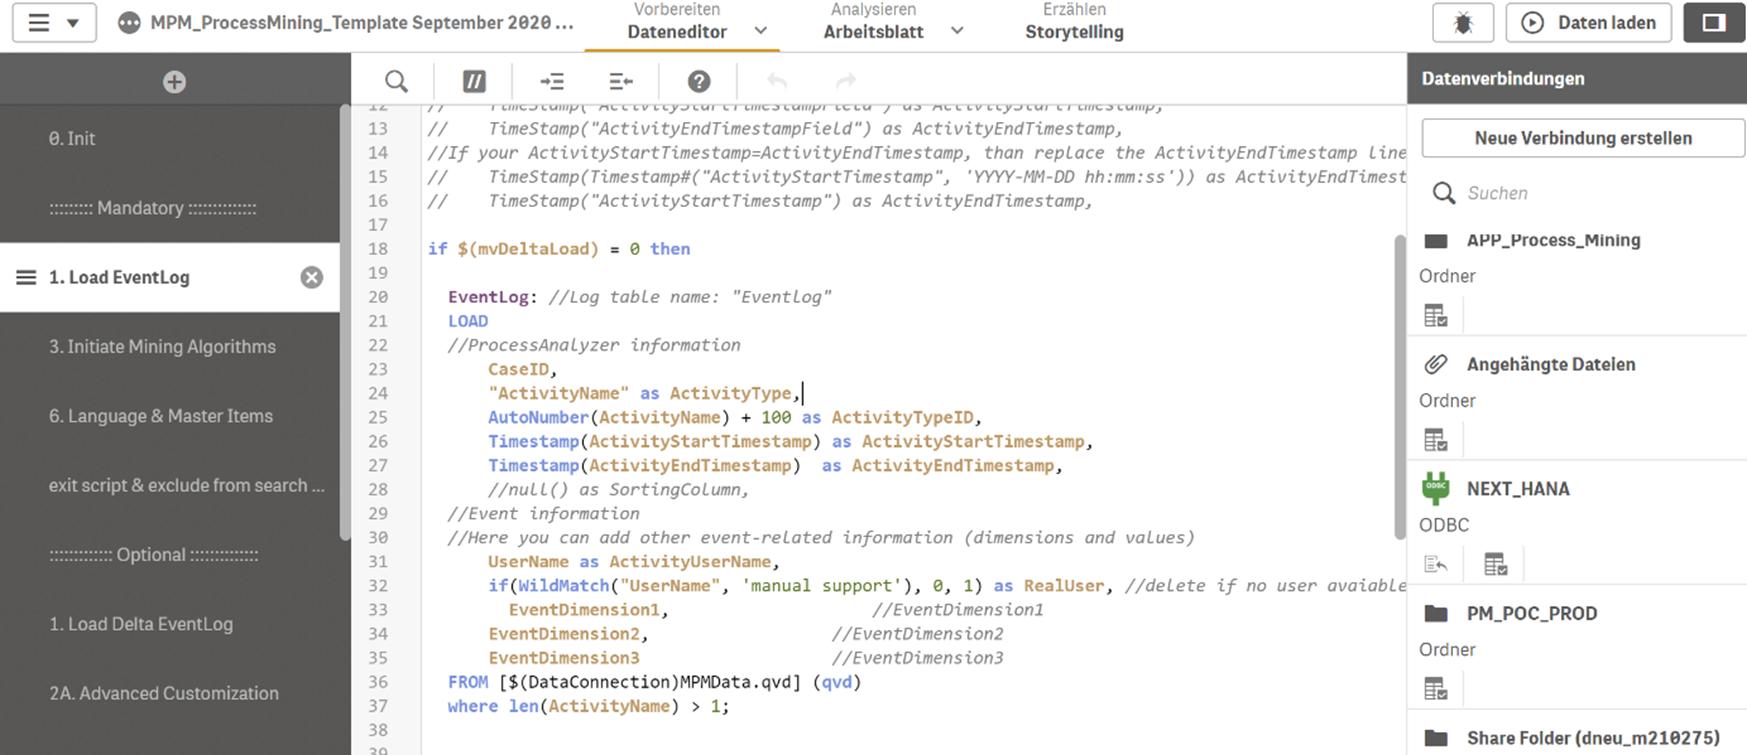 Figure 6 - Das Laden und Modellieren von Daten kann eingeschränkt visuell mit klickbaren Oberflächen erfolgen. Mehr Möglichkeiten bietet jedoch der Qlik Script Editor.